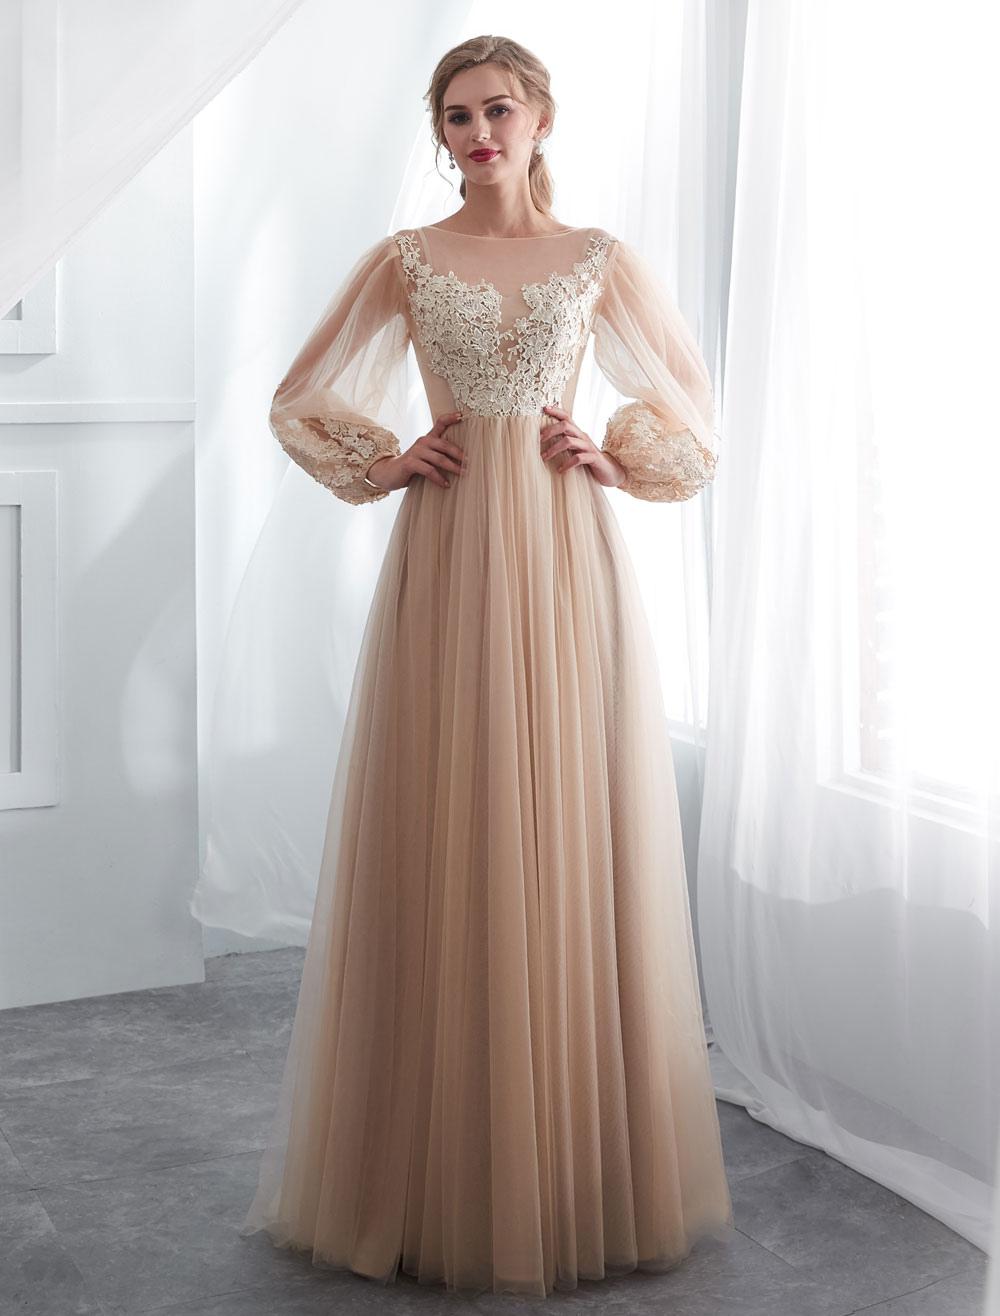 kleider für besondere anlässe, festliche kleider | milanoo